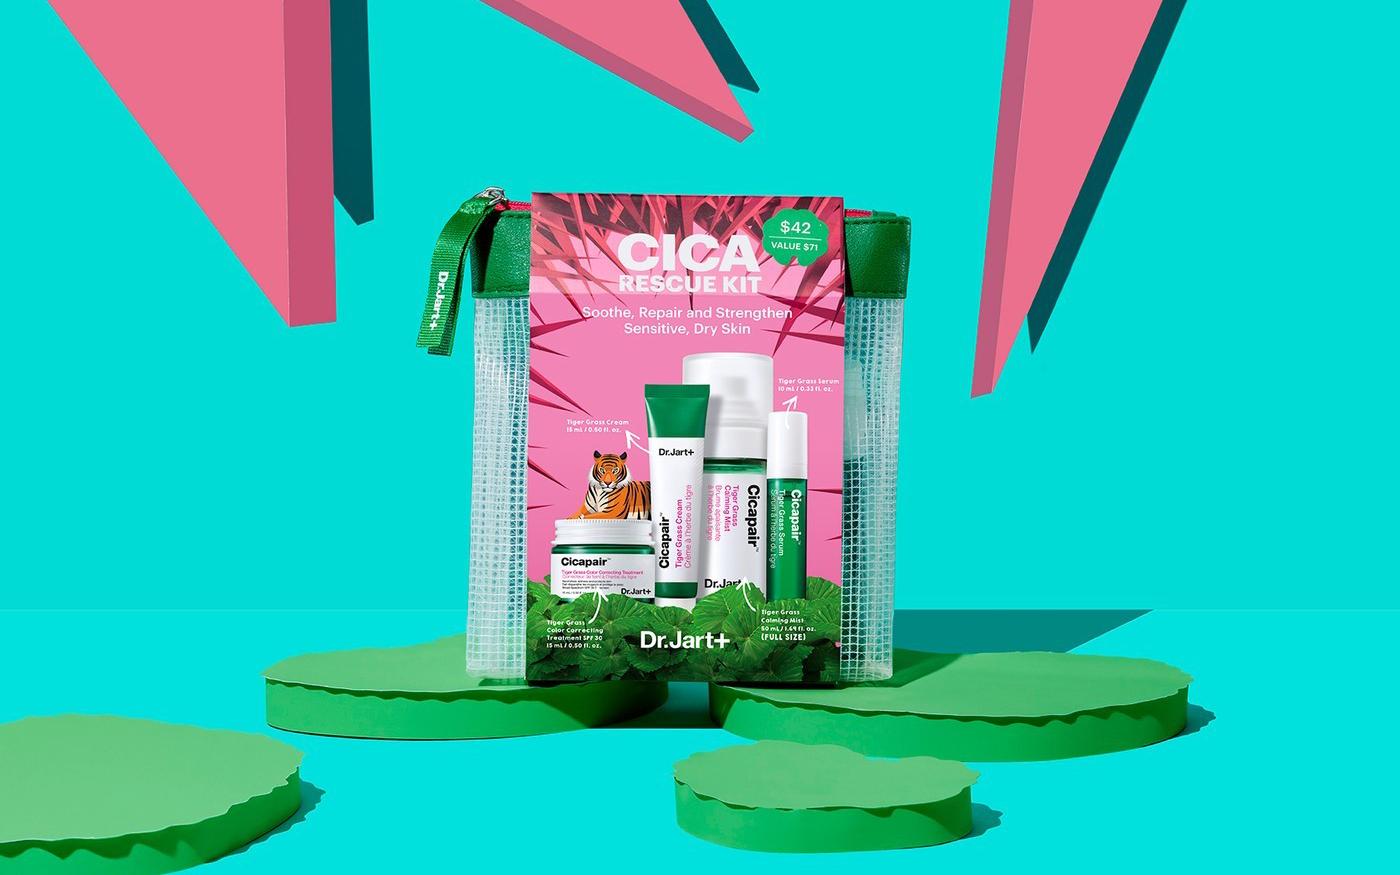 雅诗兰黛买下的第一个亚洲品牌,以 17 亿美元收购护肤品牌 Dr. Jart+